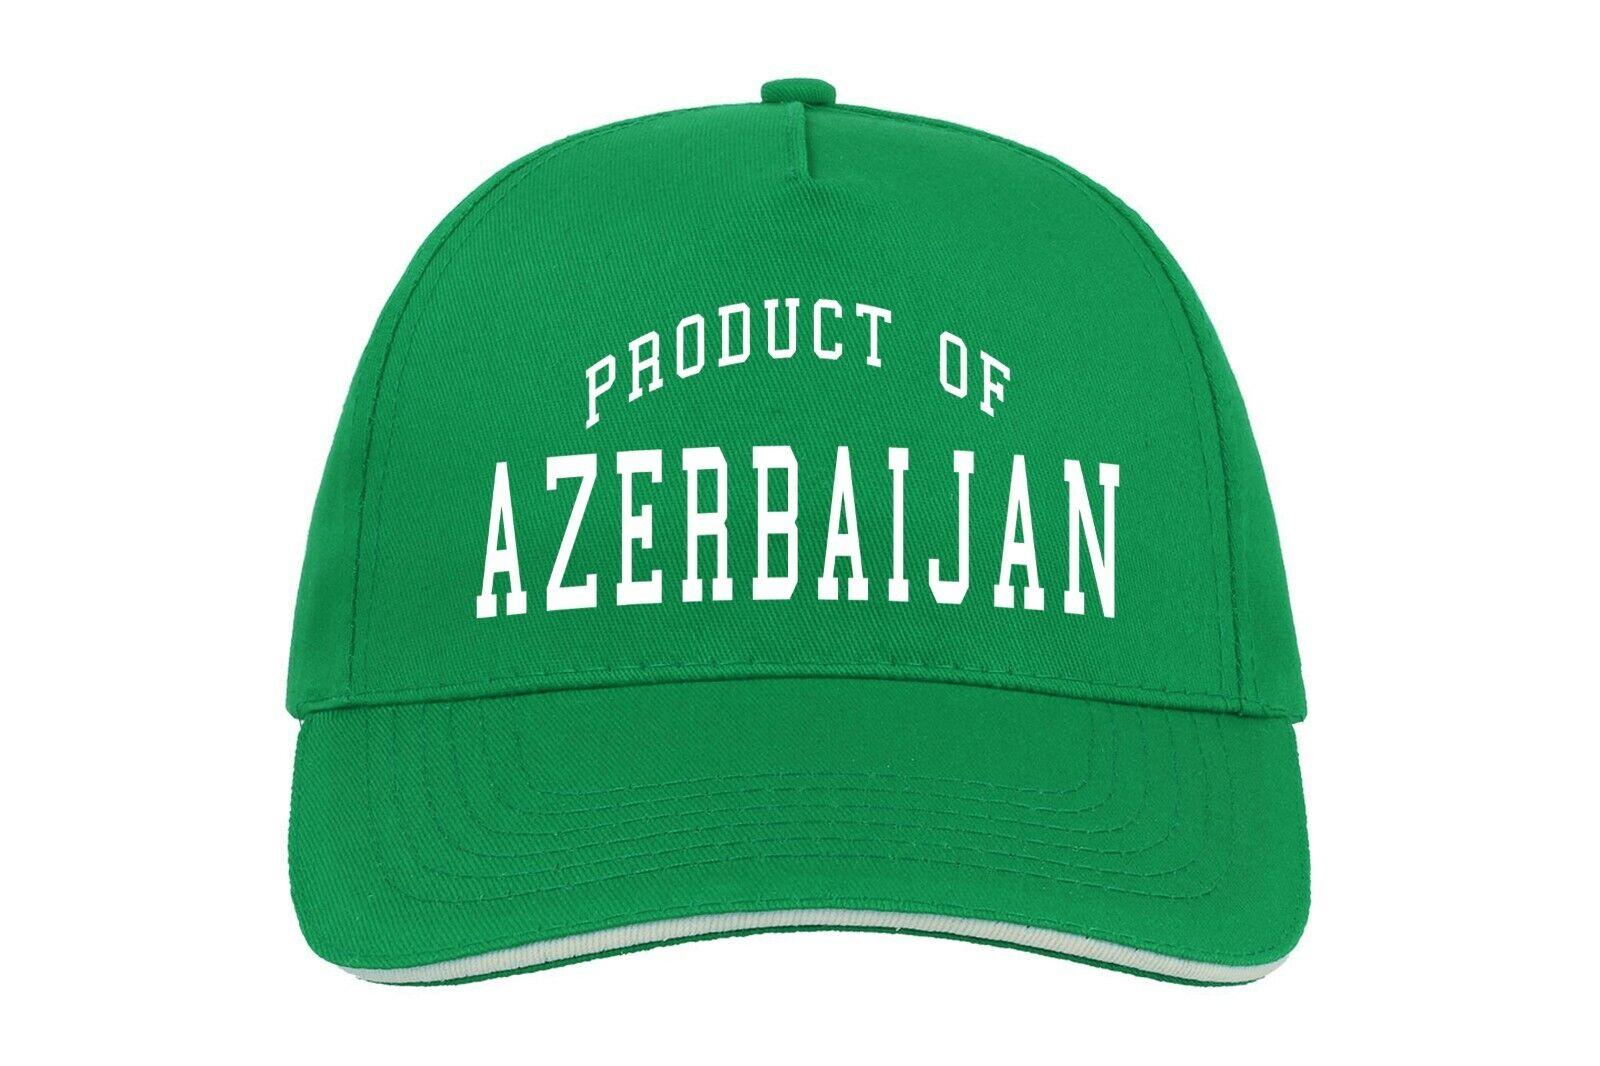 Aserbaidschan Produkt Von Baseballkappe Kappe Geburtstagsgeschenk Country